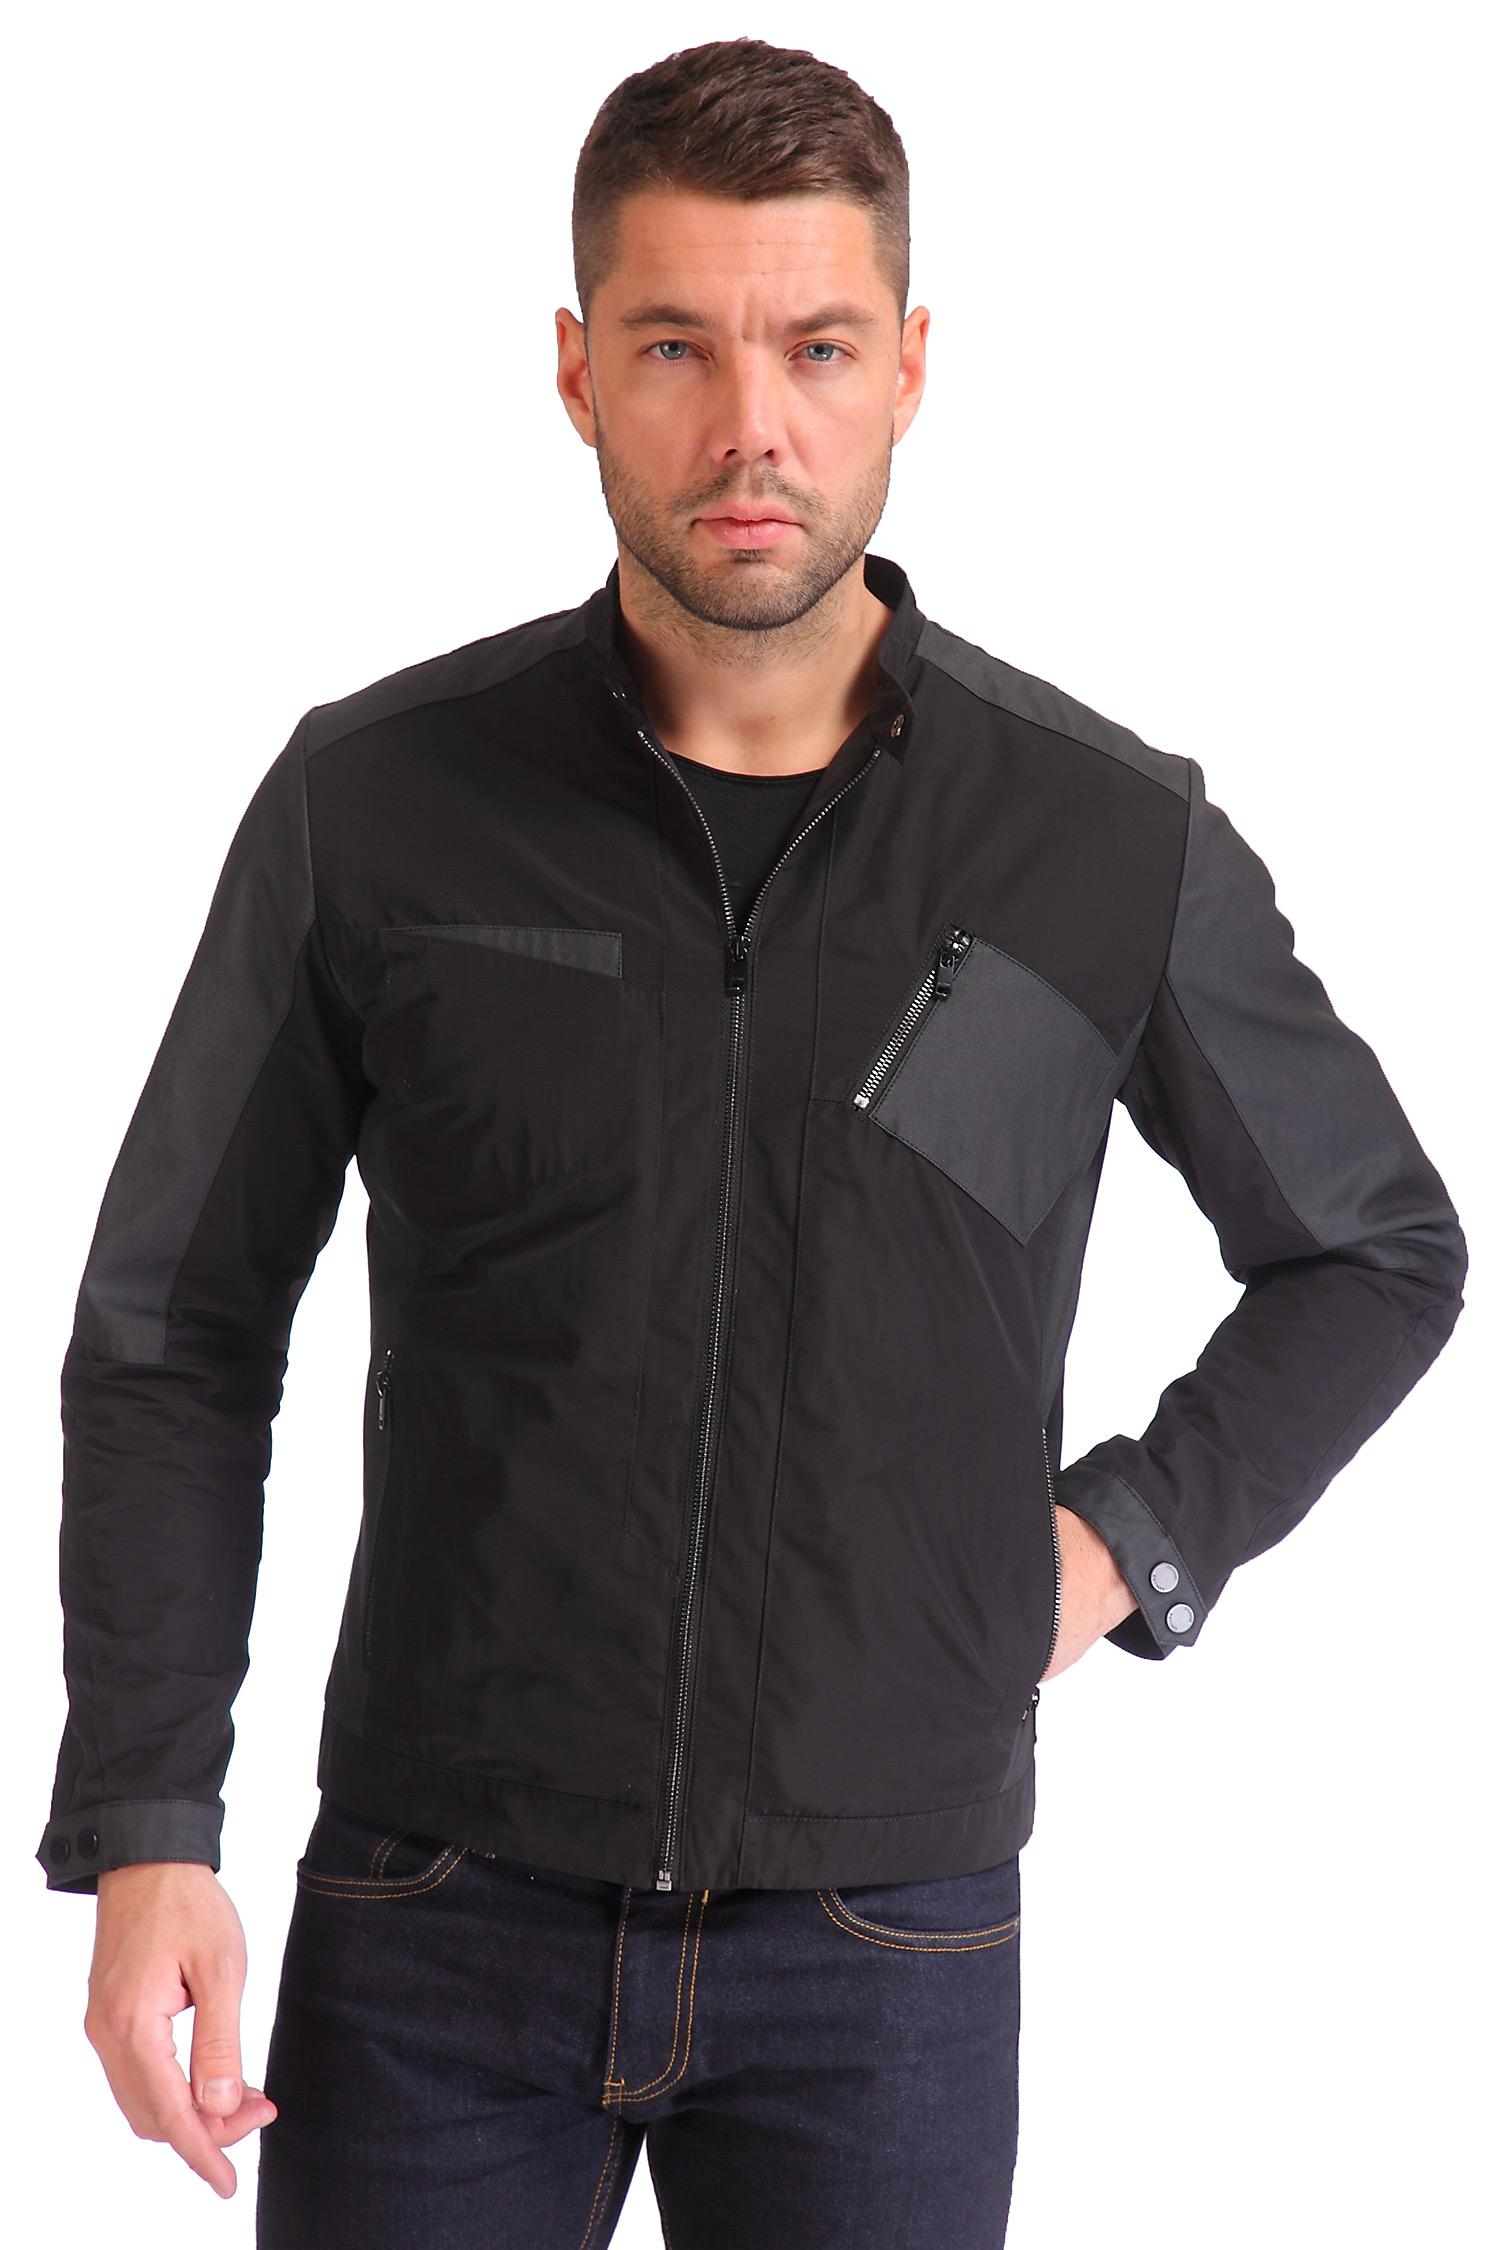 Мужская куртка из текстиля с воротником, без отделки от Московская Меховая Компания